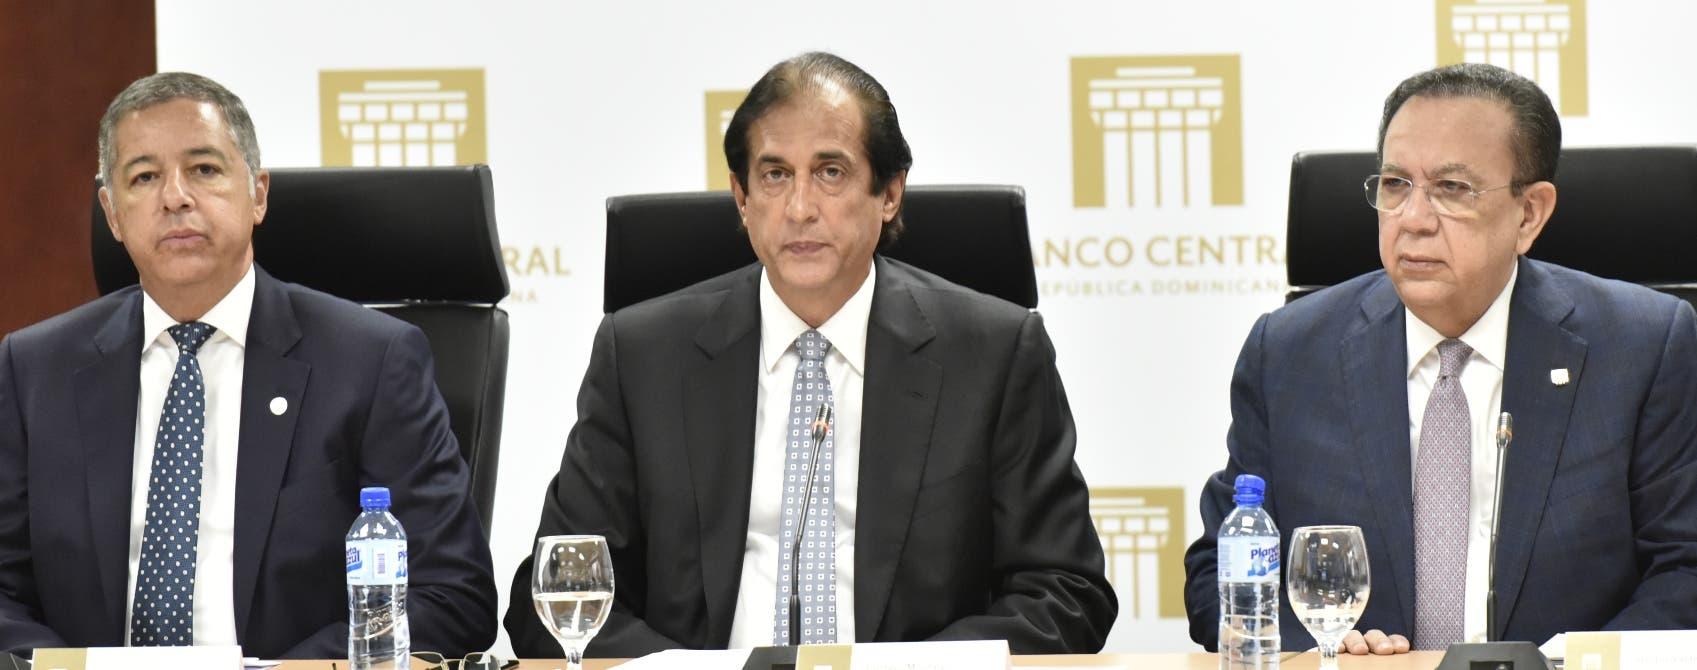 Donald Guerrero, ministro de Hacienda; Gustavo Montalvo, ministro de la Presidencia, y Héctor Valdez Albizu.  fuente externa